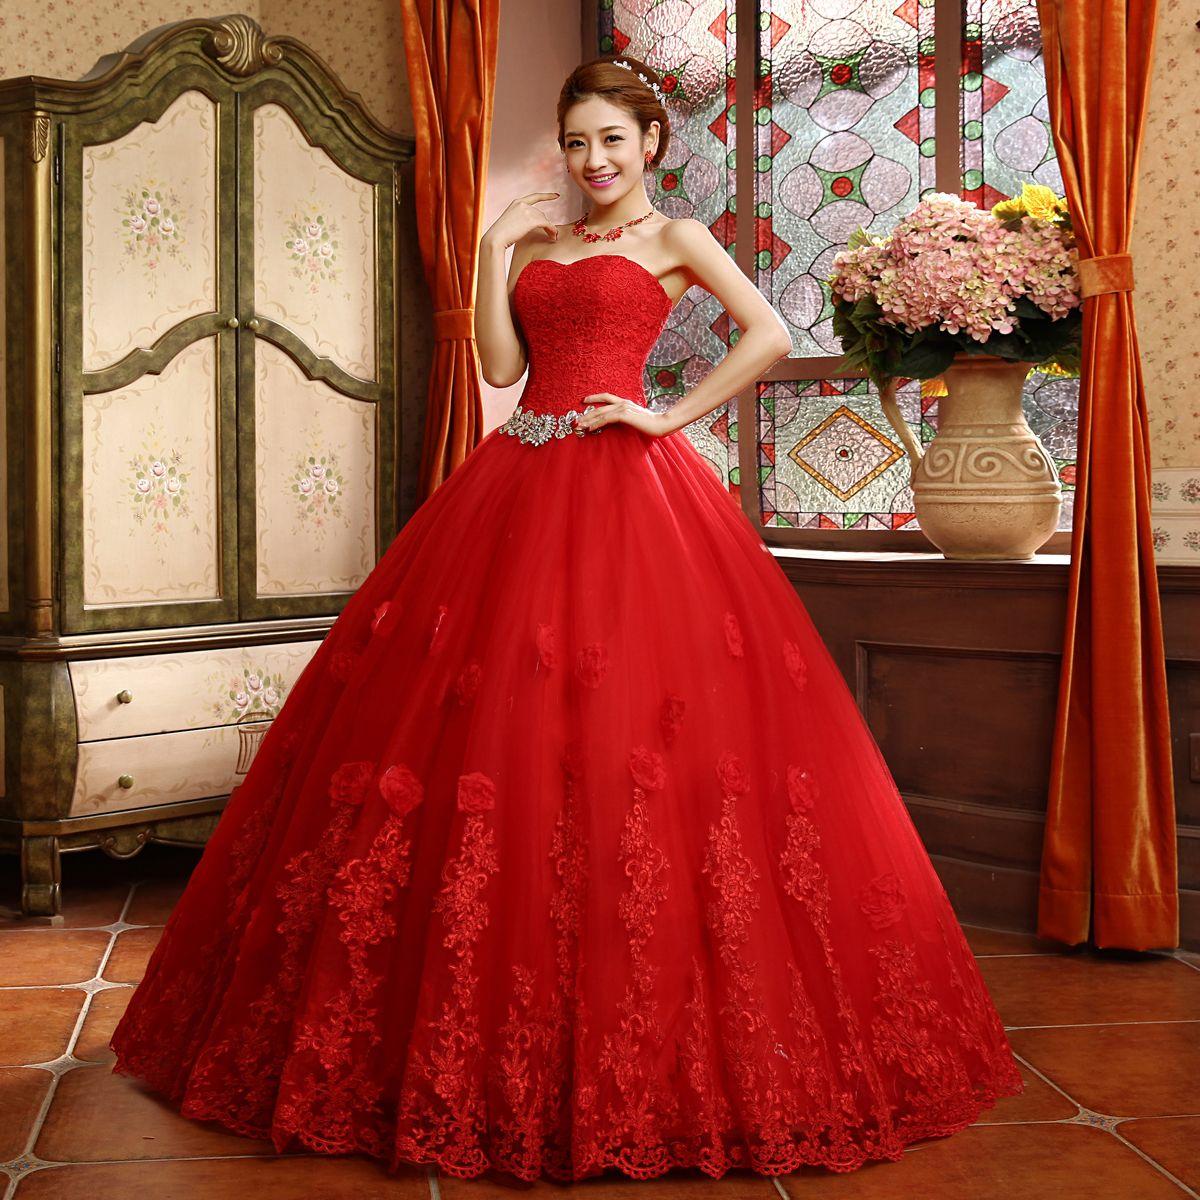 pas cher 2015 meilleur vente robe de bal dentelle tulle